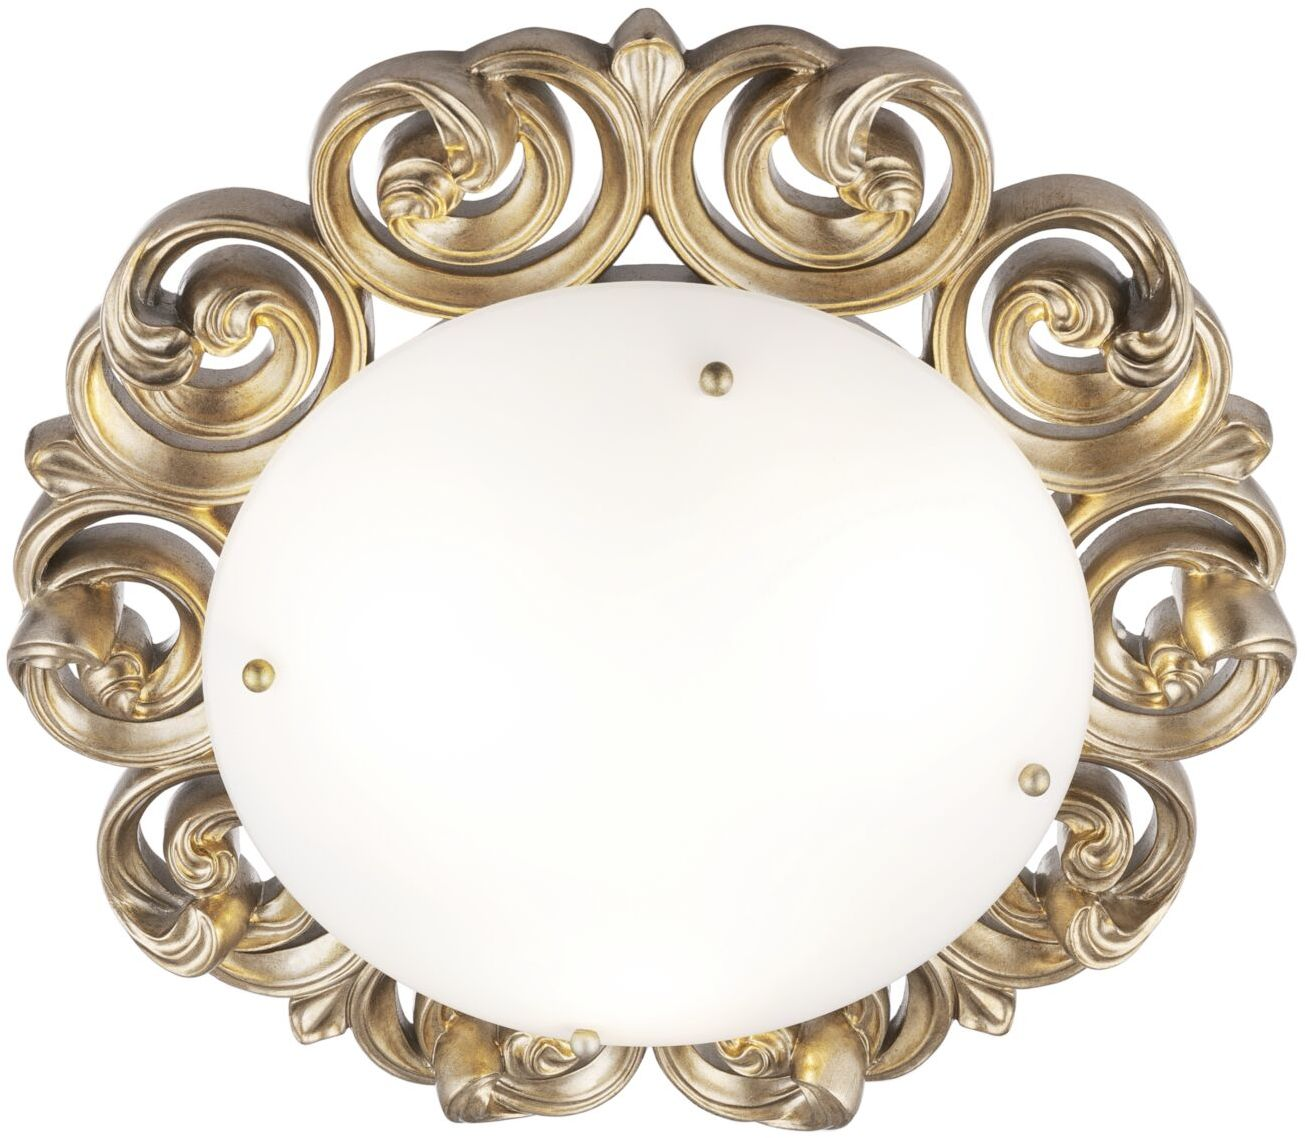 Maytoni Lantana H300-03-G plafon lampa sufitowa ramka z metalu i żywicy poliestrowej złota klosz biały matowe szkło 3xE14 40W 37 cm